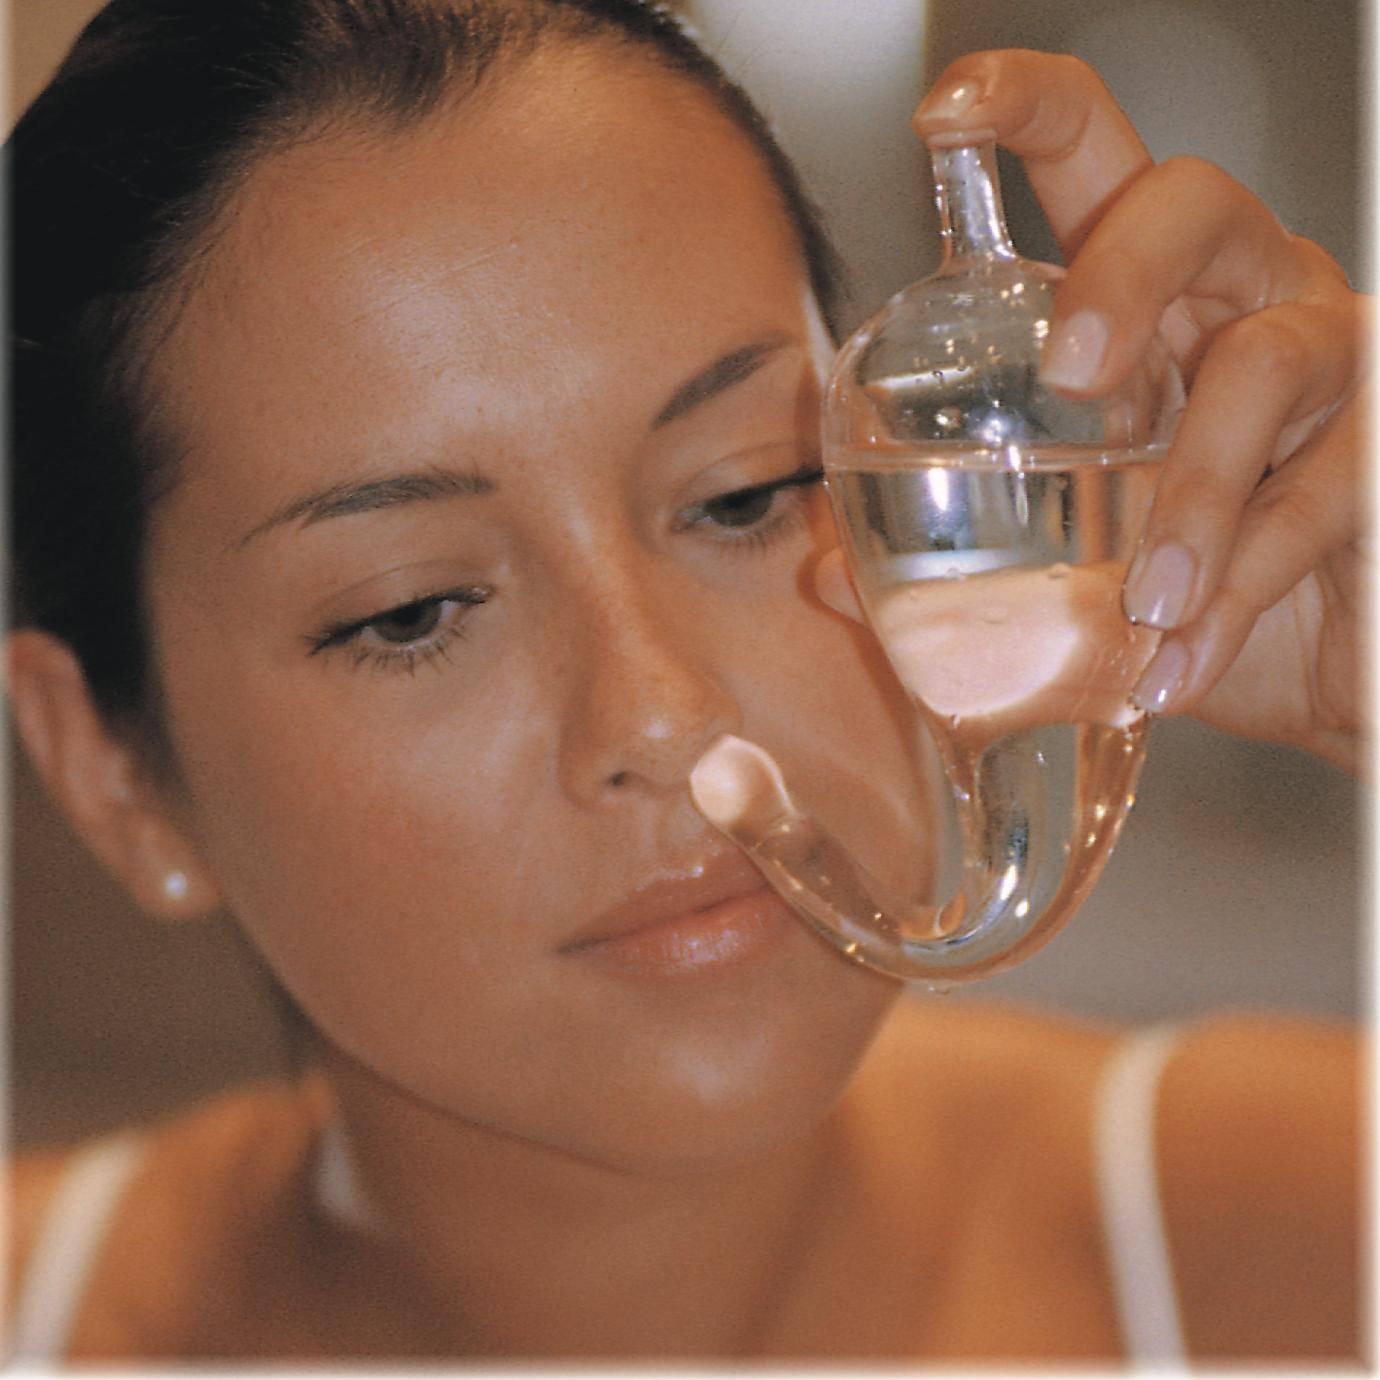 Морская соль для промывания носа — пропорции раствора и техника проведения процедуры